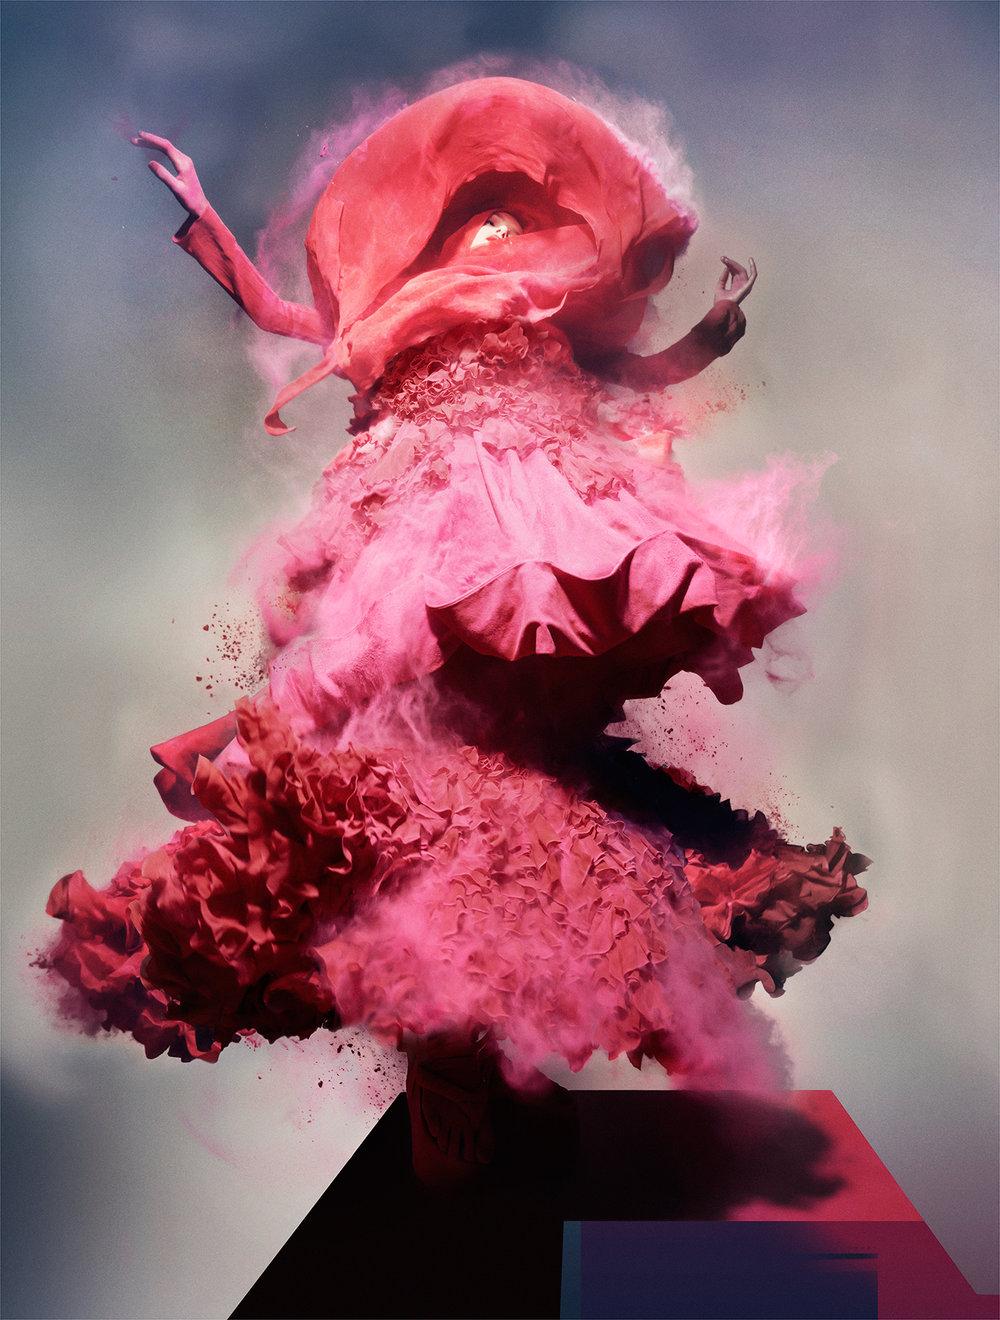 'PAINTING & POLITICS' Pink Powder, Lily Donaldson wearing John Galliano, 2008 ⓒ NICK KNIGHT